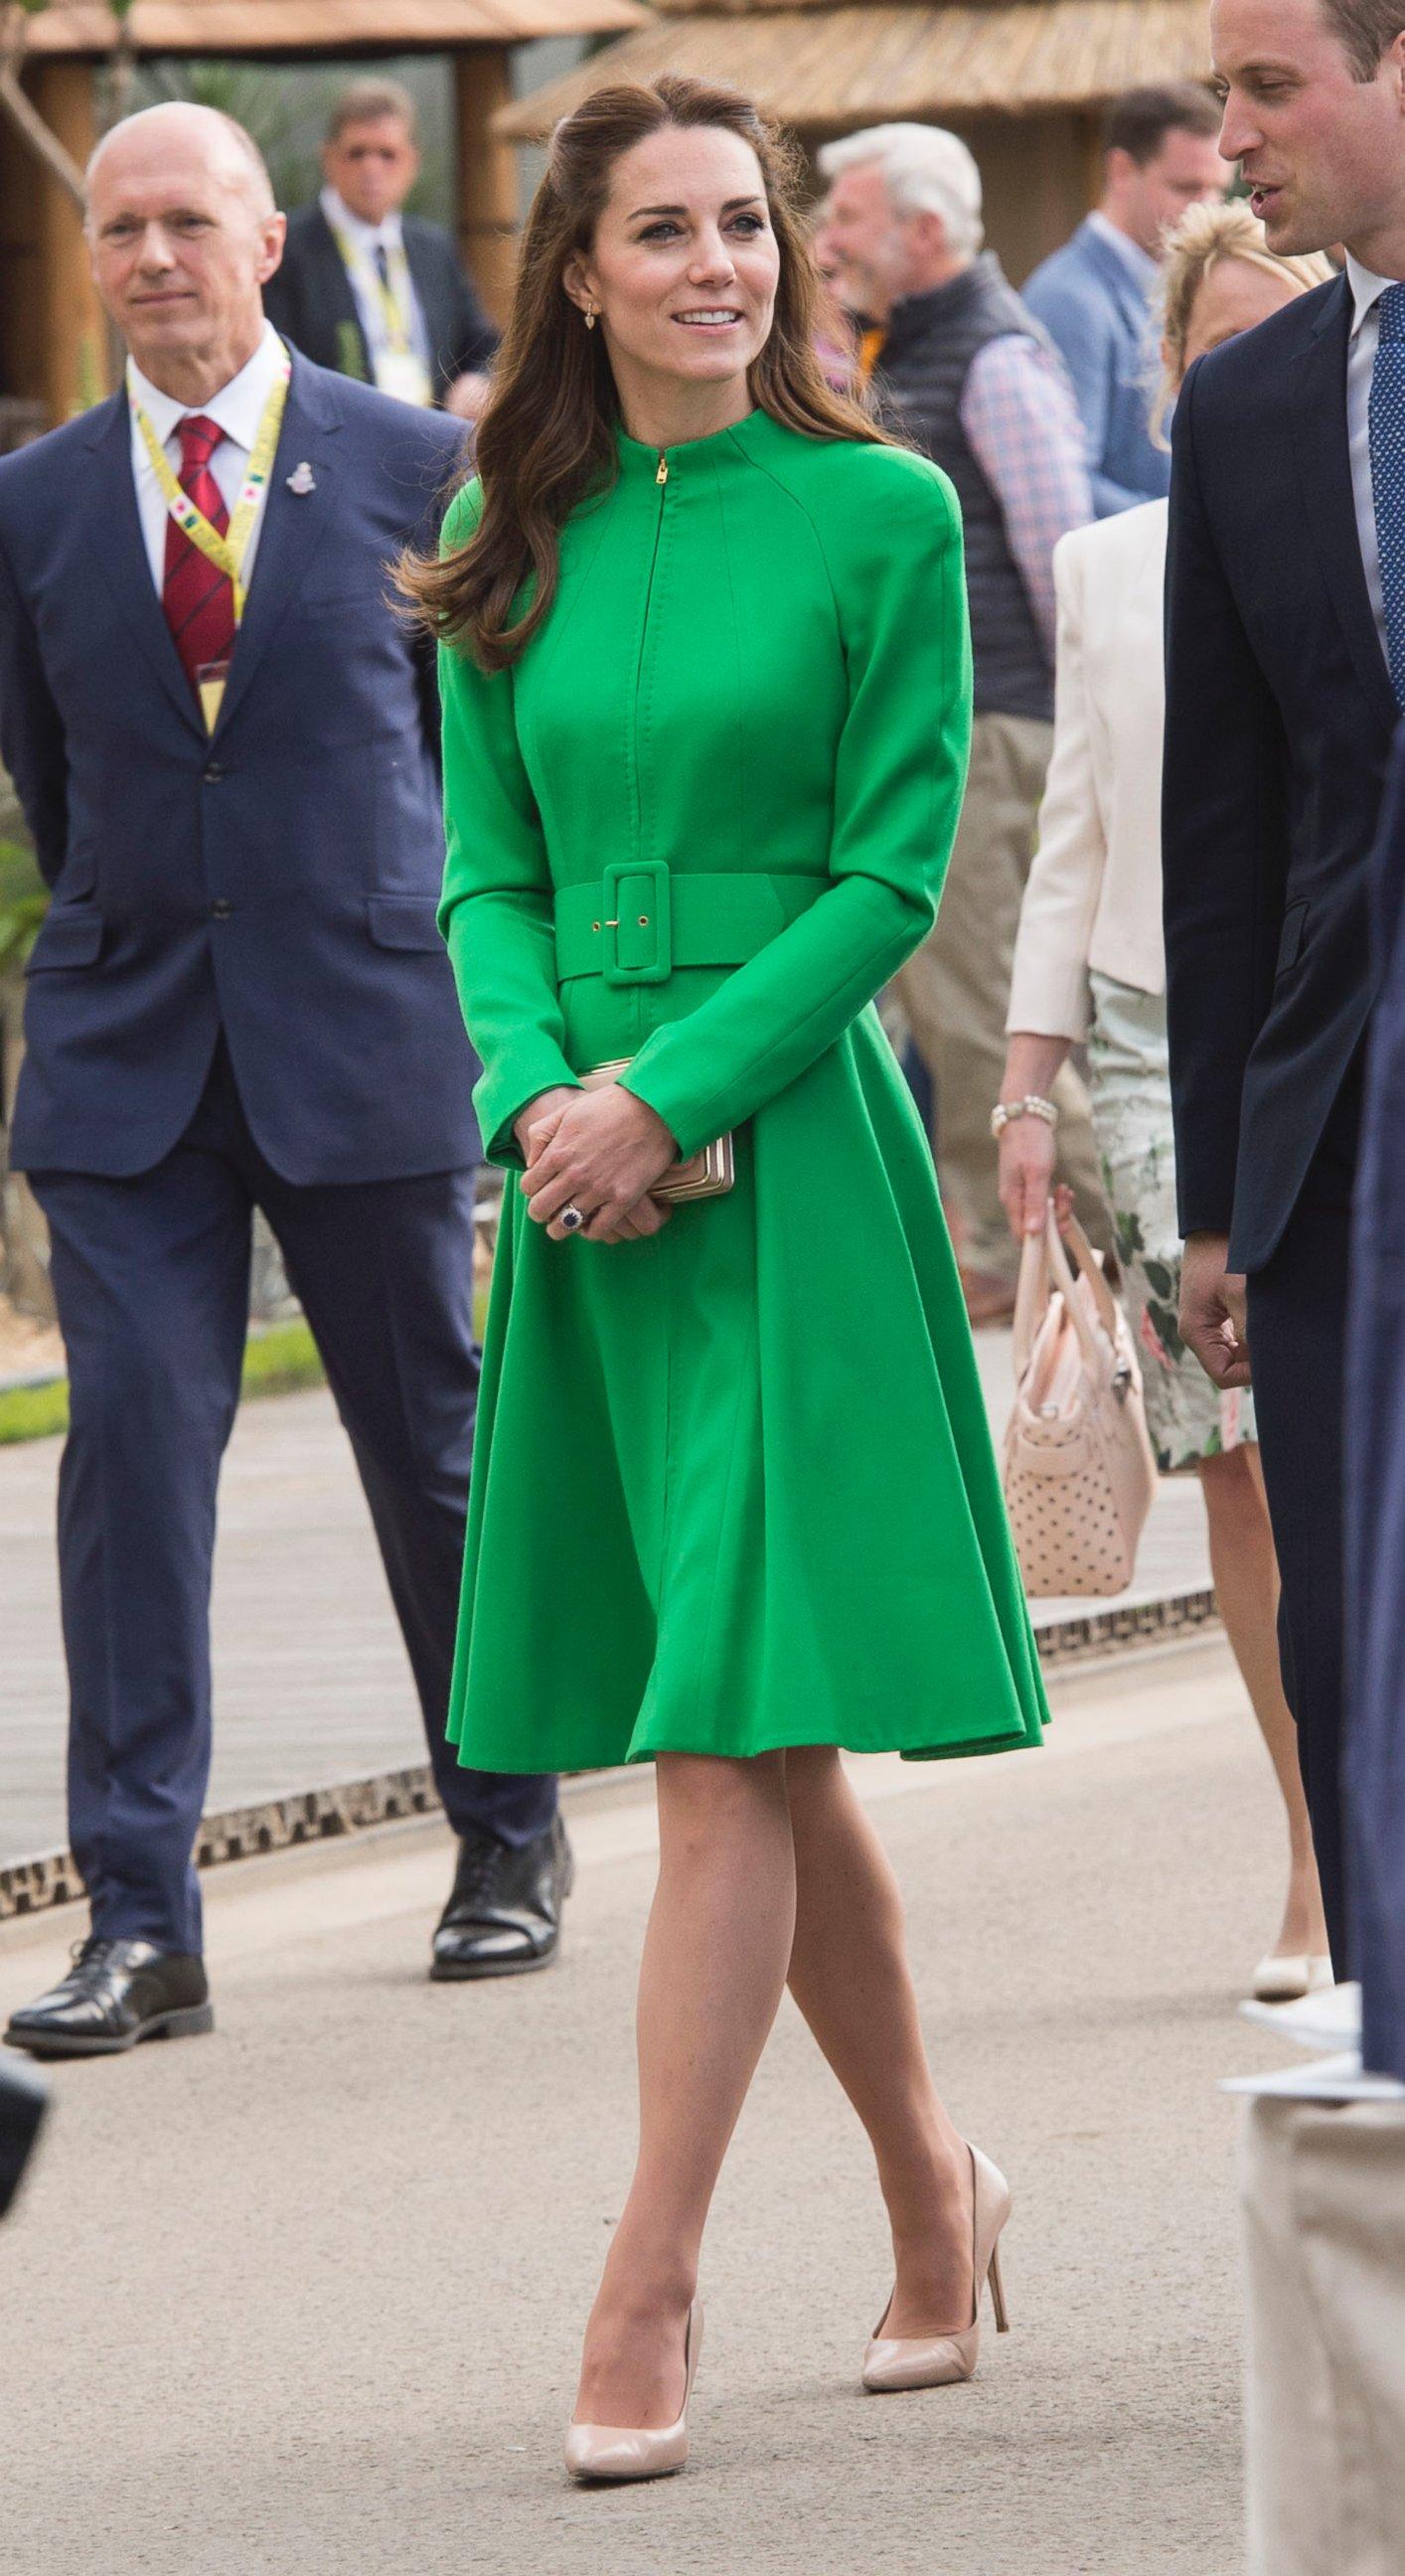 Duchess Kate Middleton Looks Lovely in Green